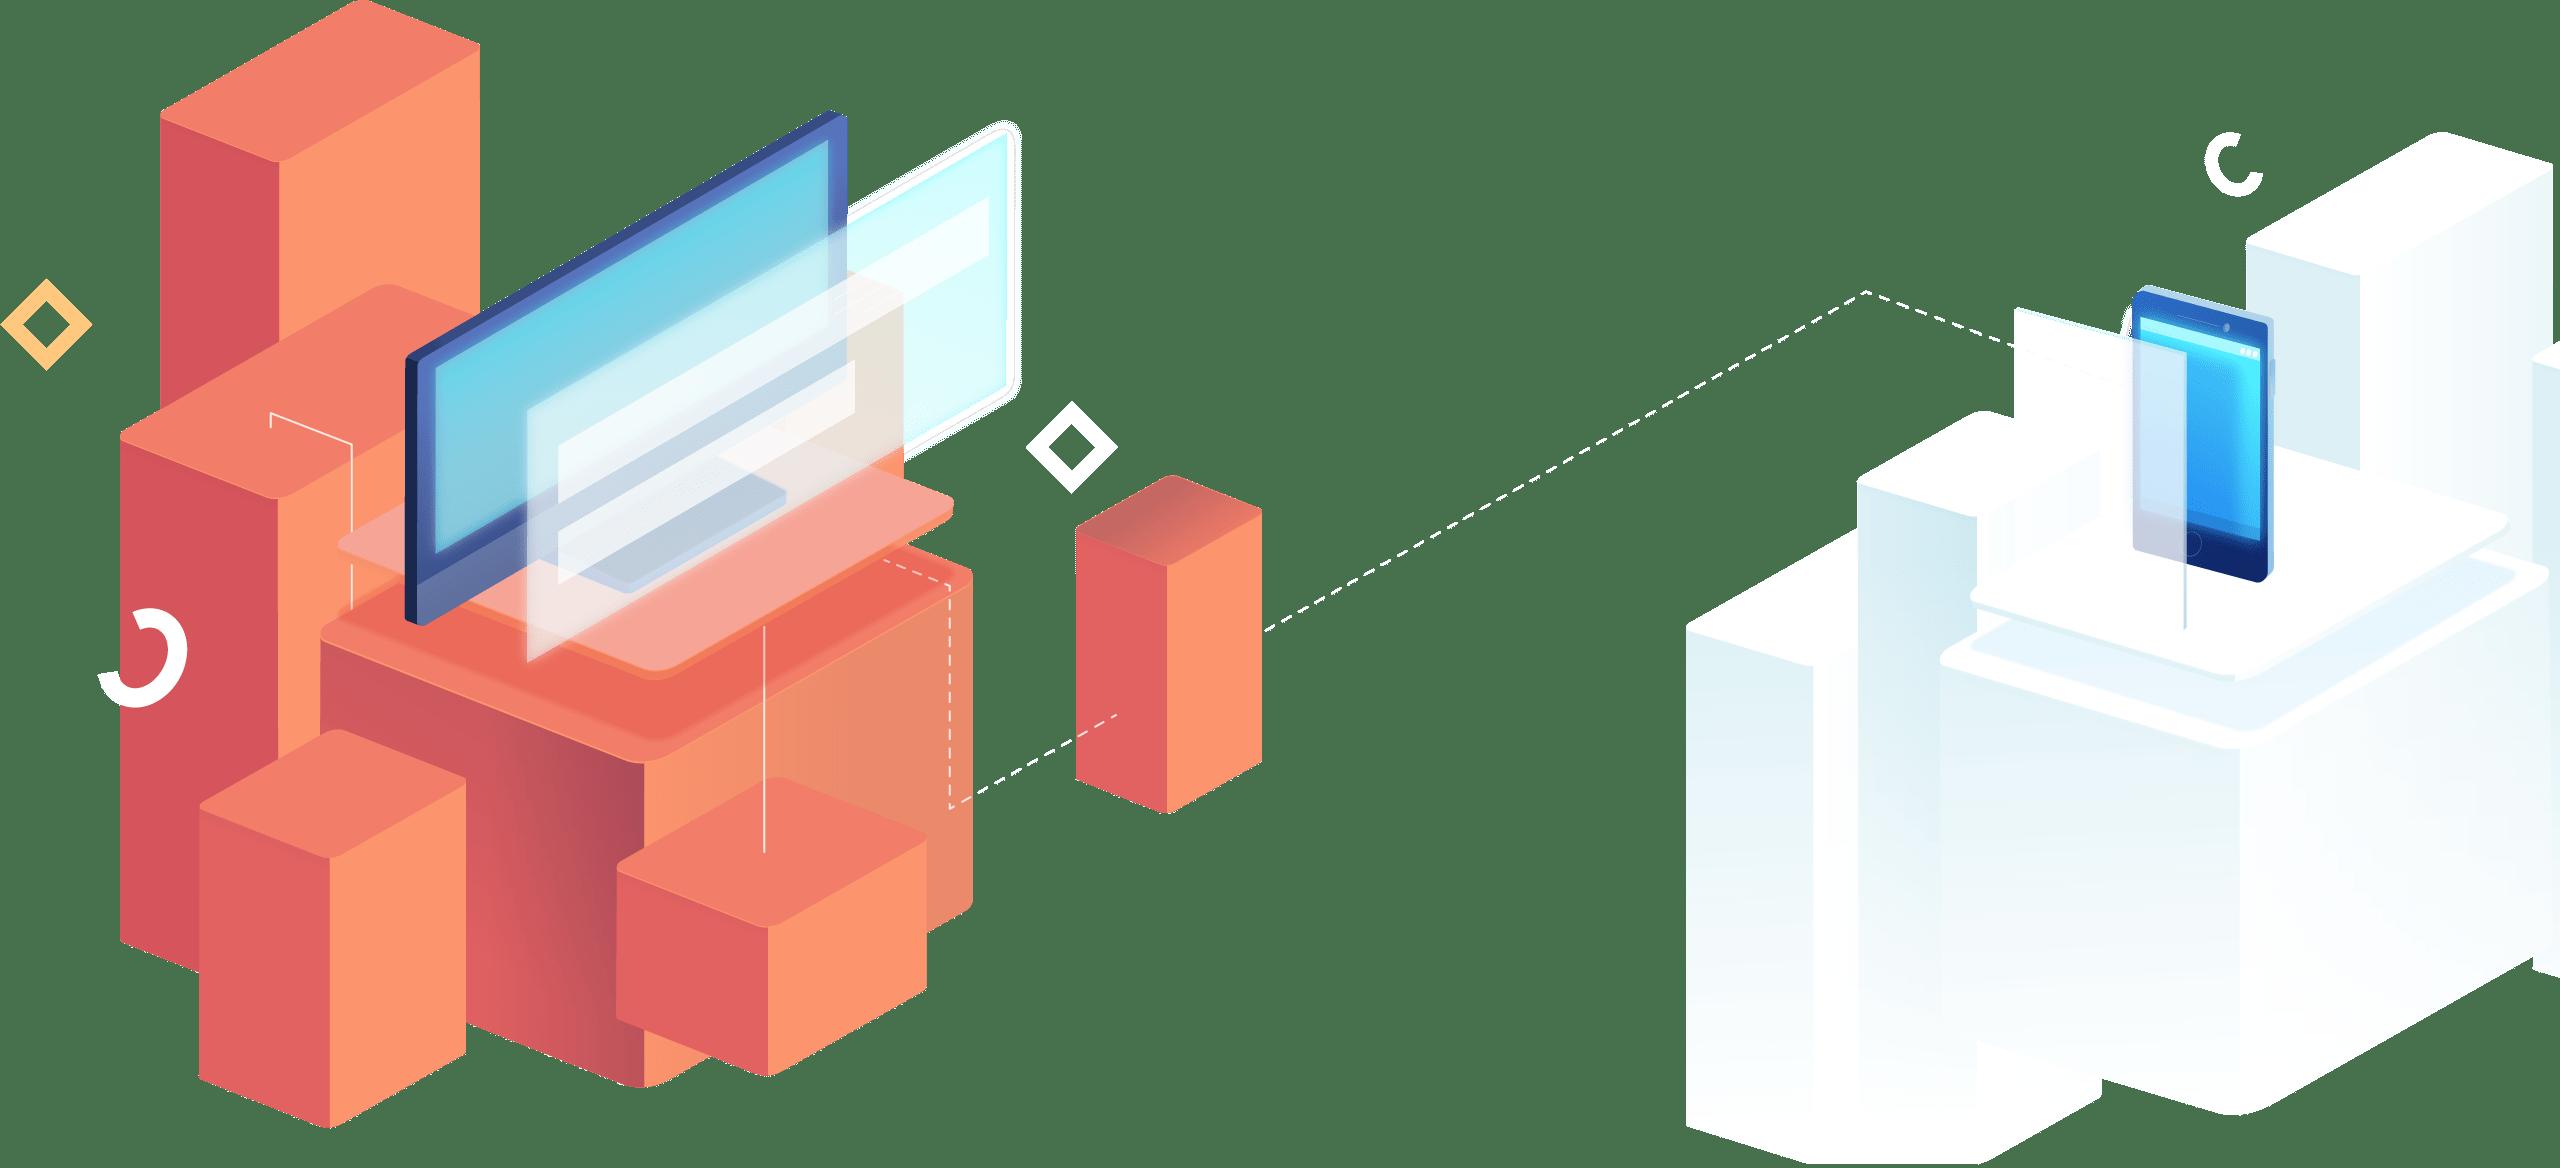 Iduna Webdesign Konstanz, Webentwicklung, Webseite erstellen, SEO, Webdesign in der Nähe von